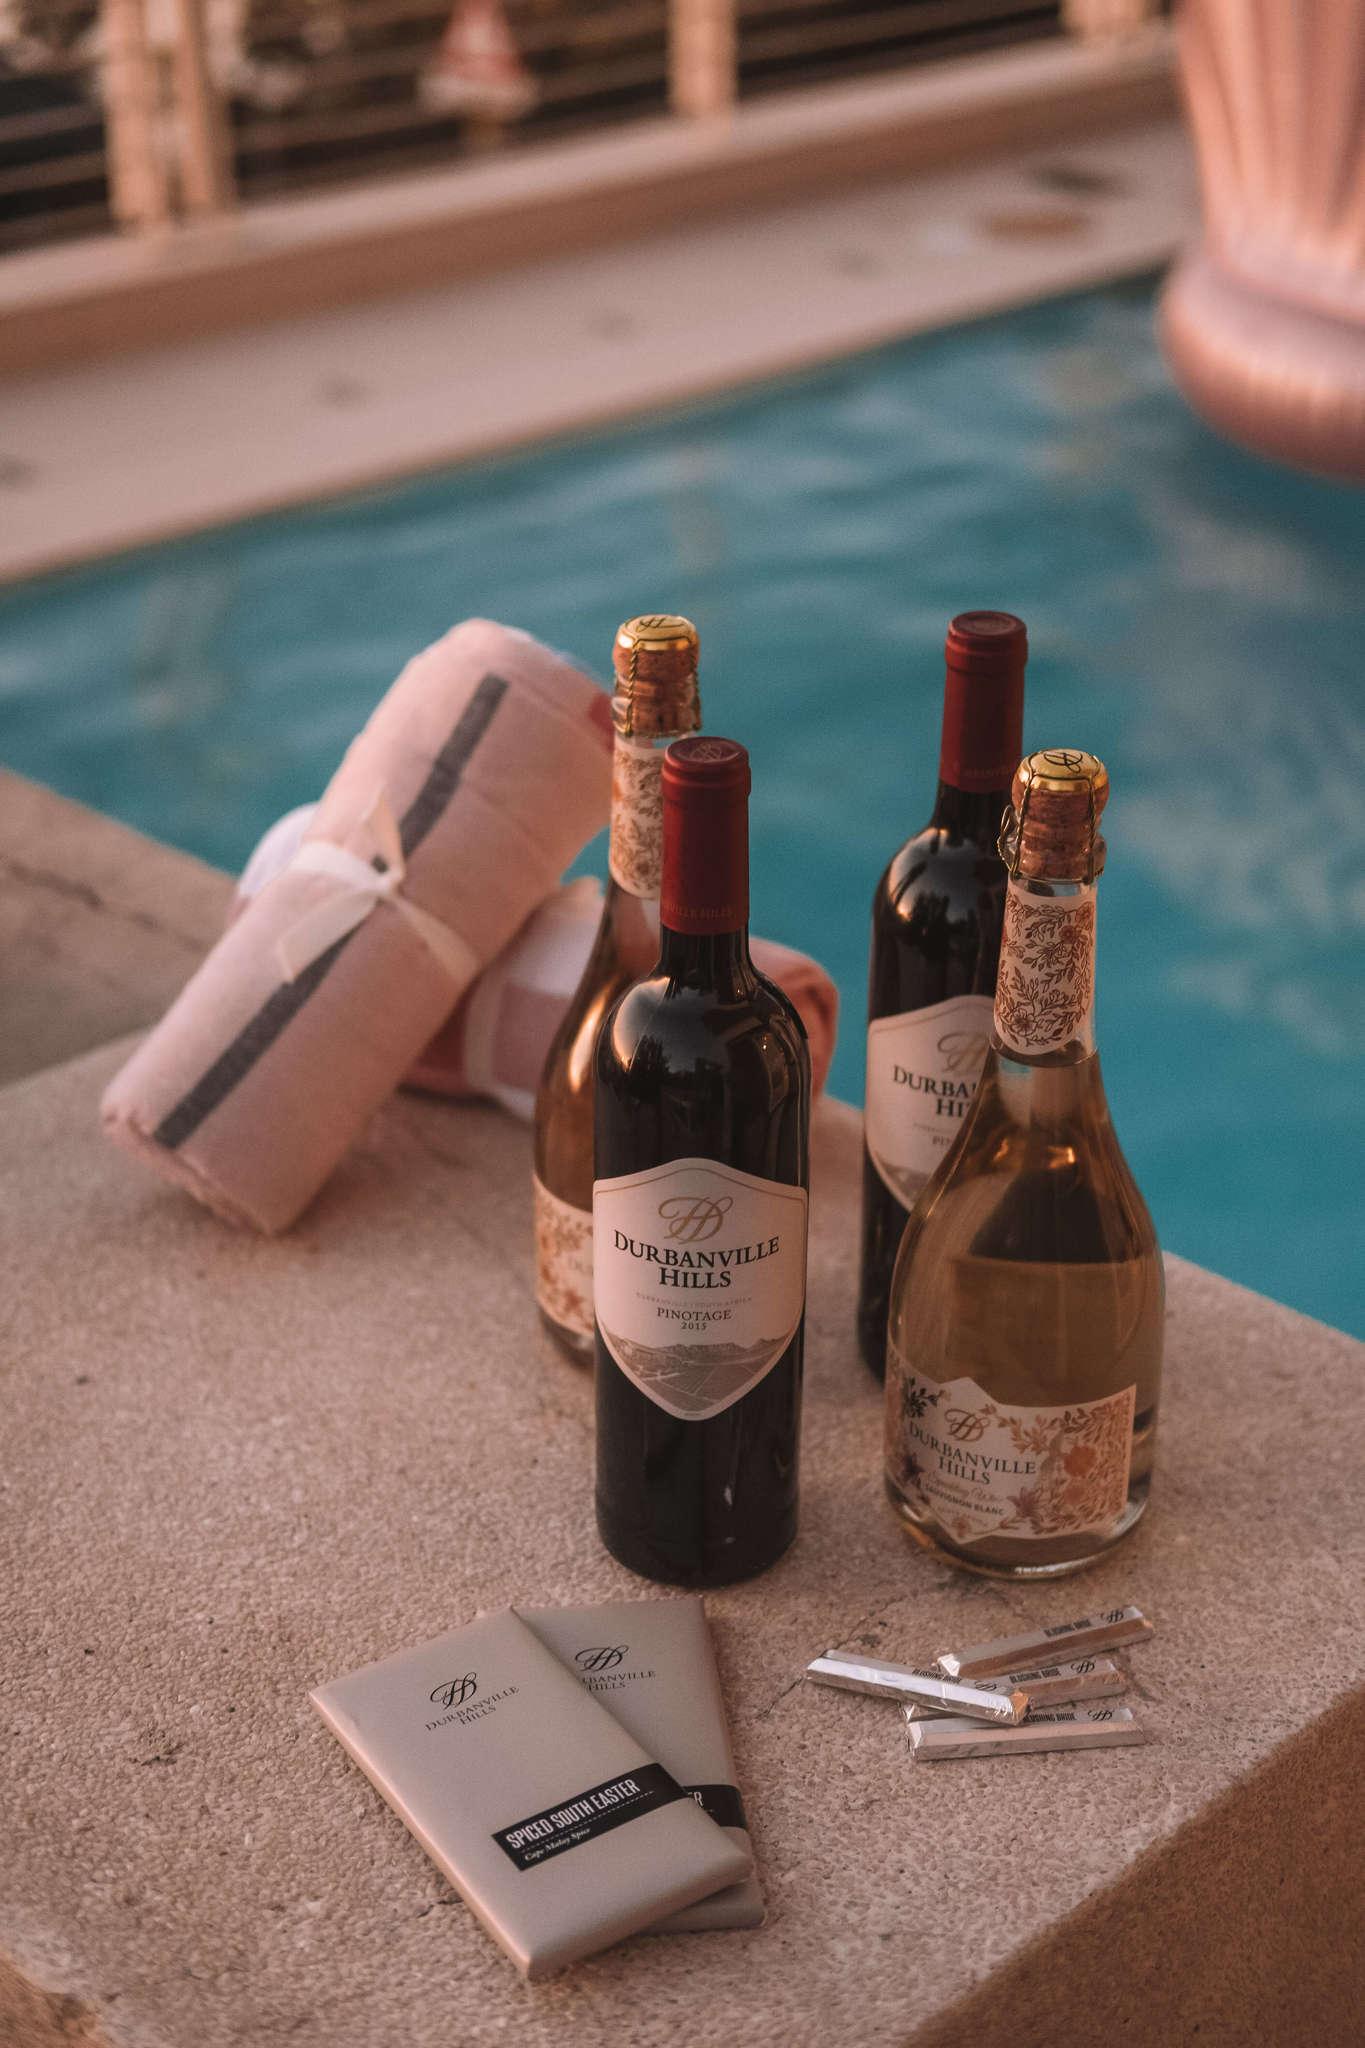 Durbanville Hills Wine